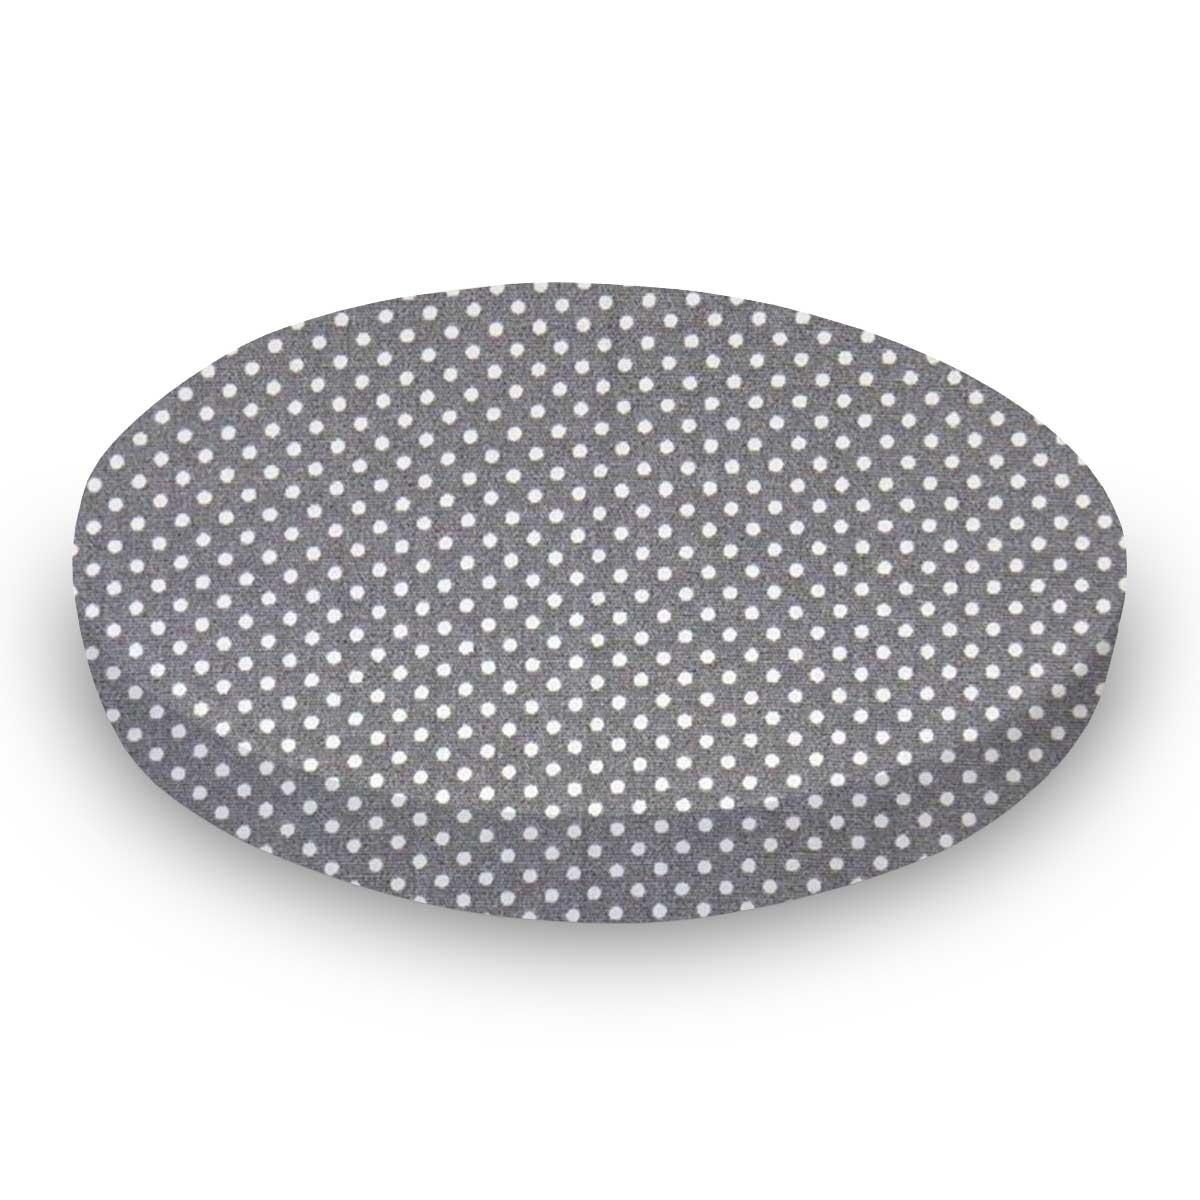 Pindots Gray